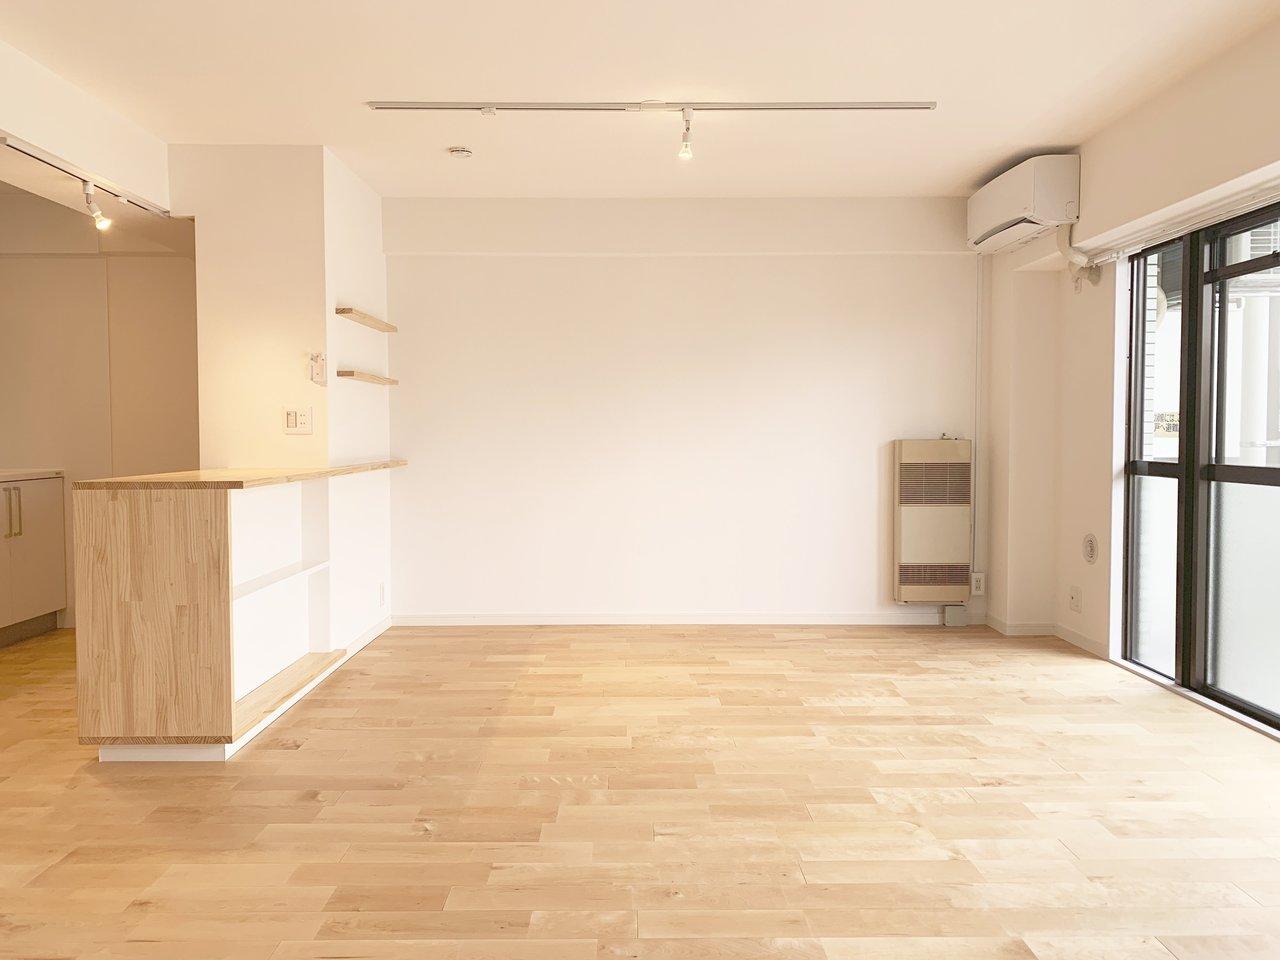 最後は14畳超えの広々リビングが魅力的なこちらのお部屋。もちろん無垢床を使用しています。